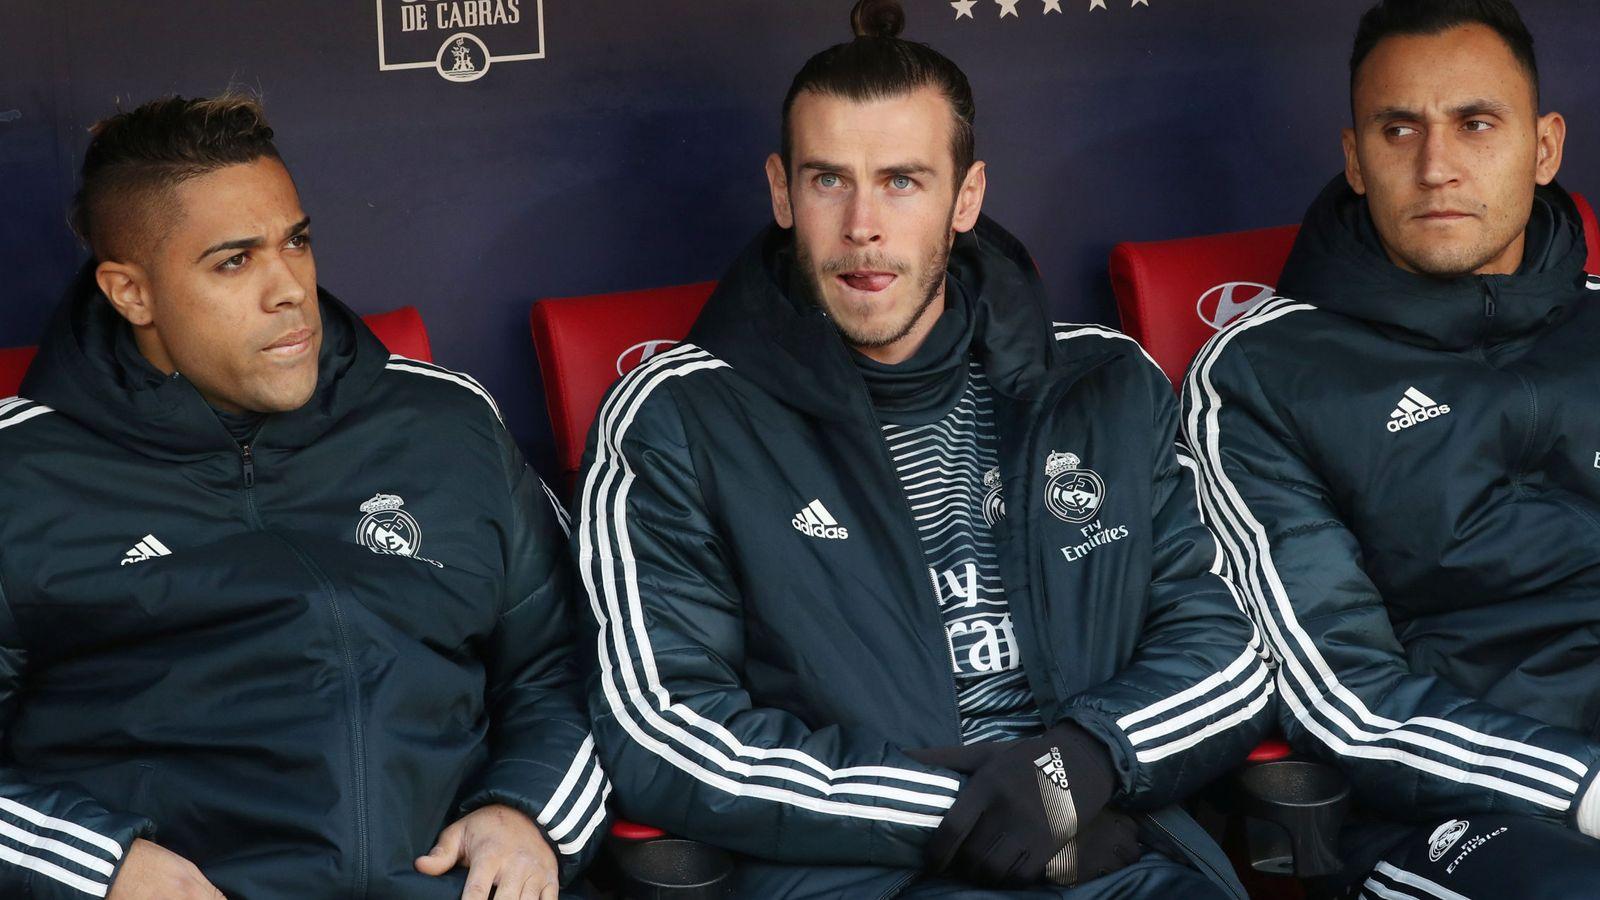 Foto: Gareth Bale en el banquillo con gesto serio junto a Mariano y Keylor Navas. (Efe)